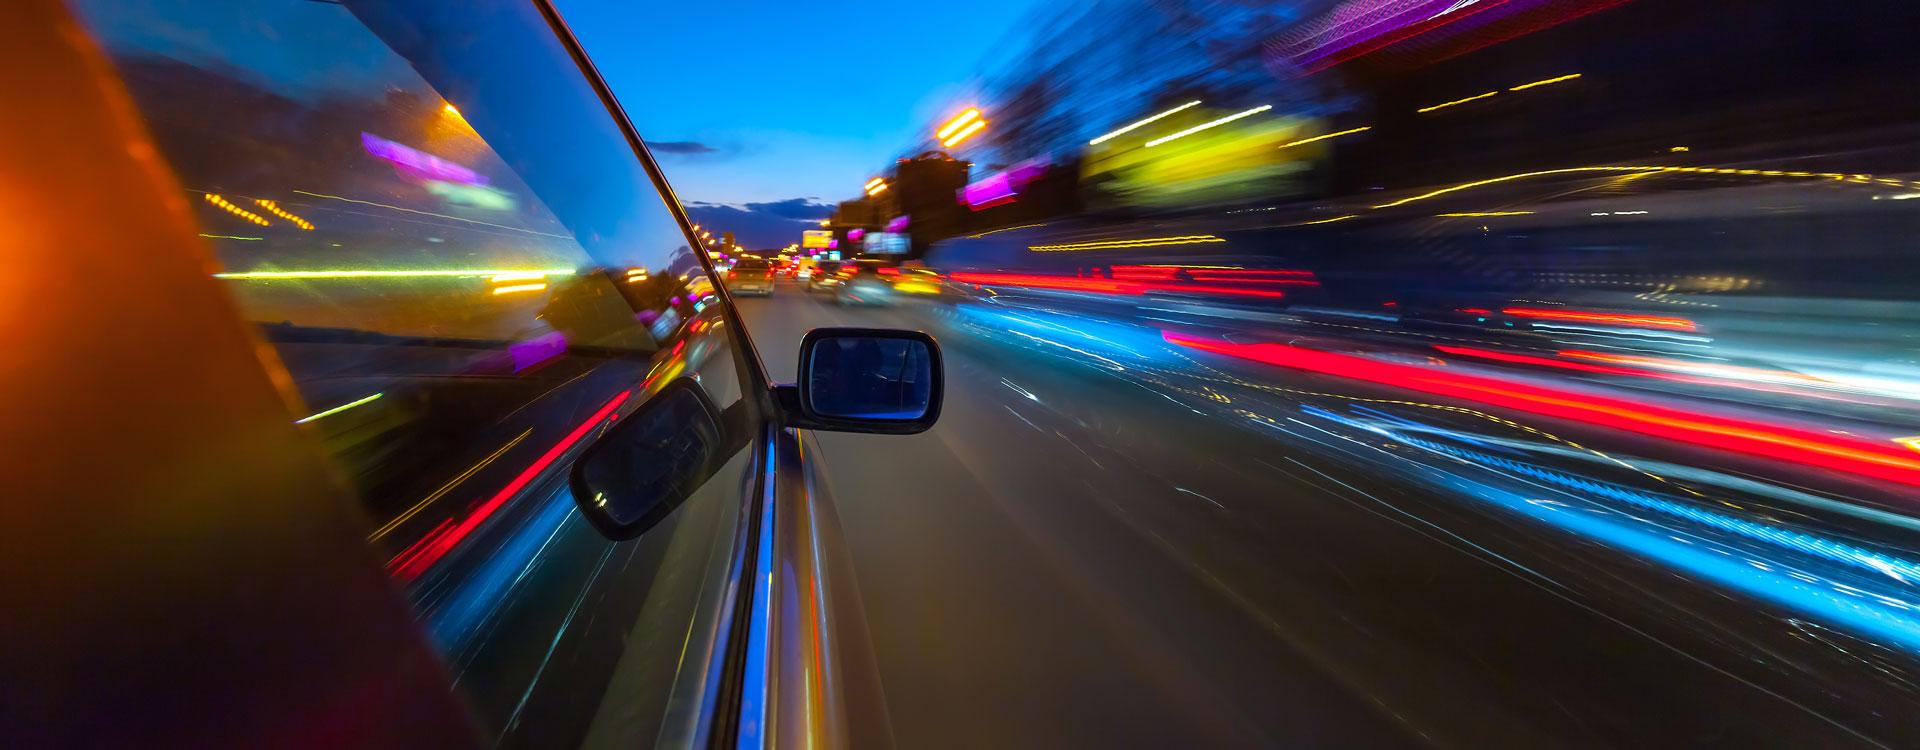 Film visar hur börsaktuella Uber skattefuskar i Sverige